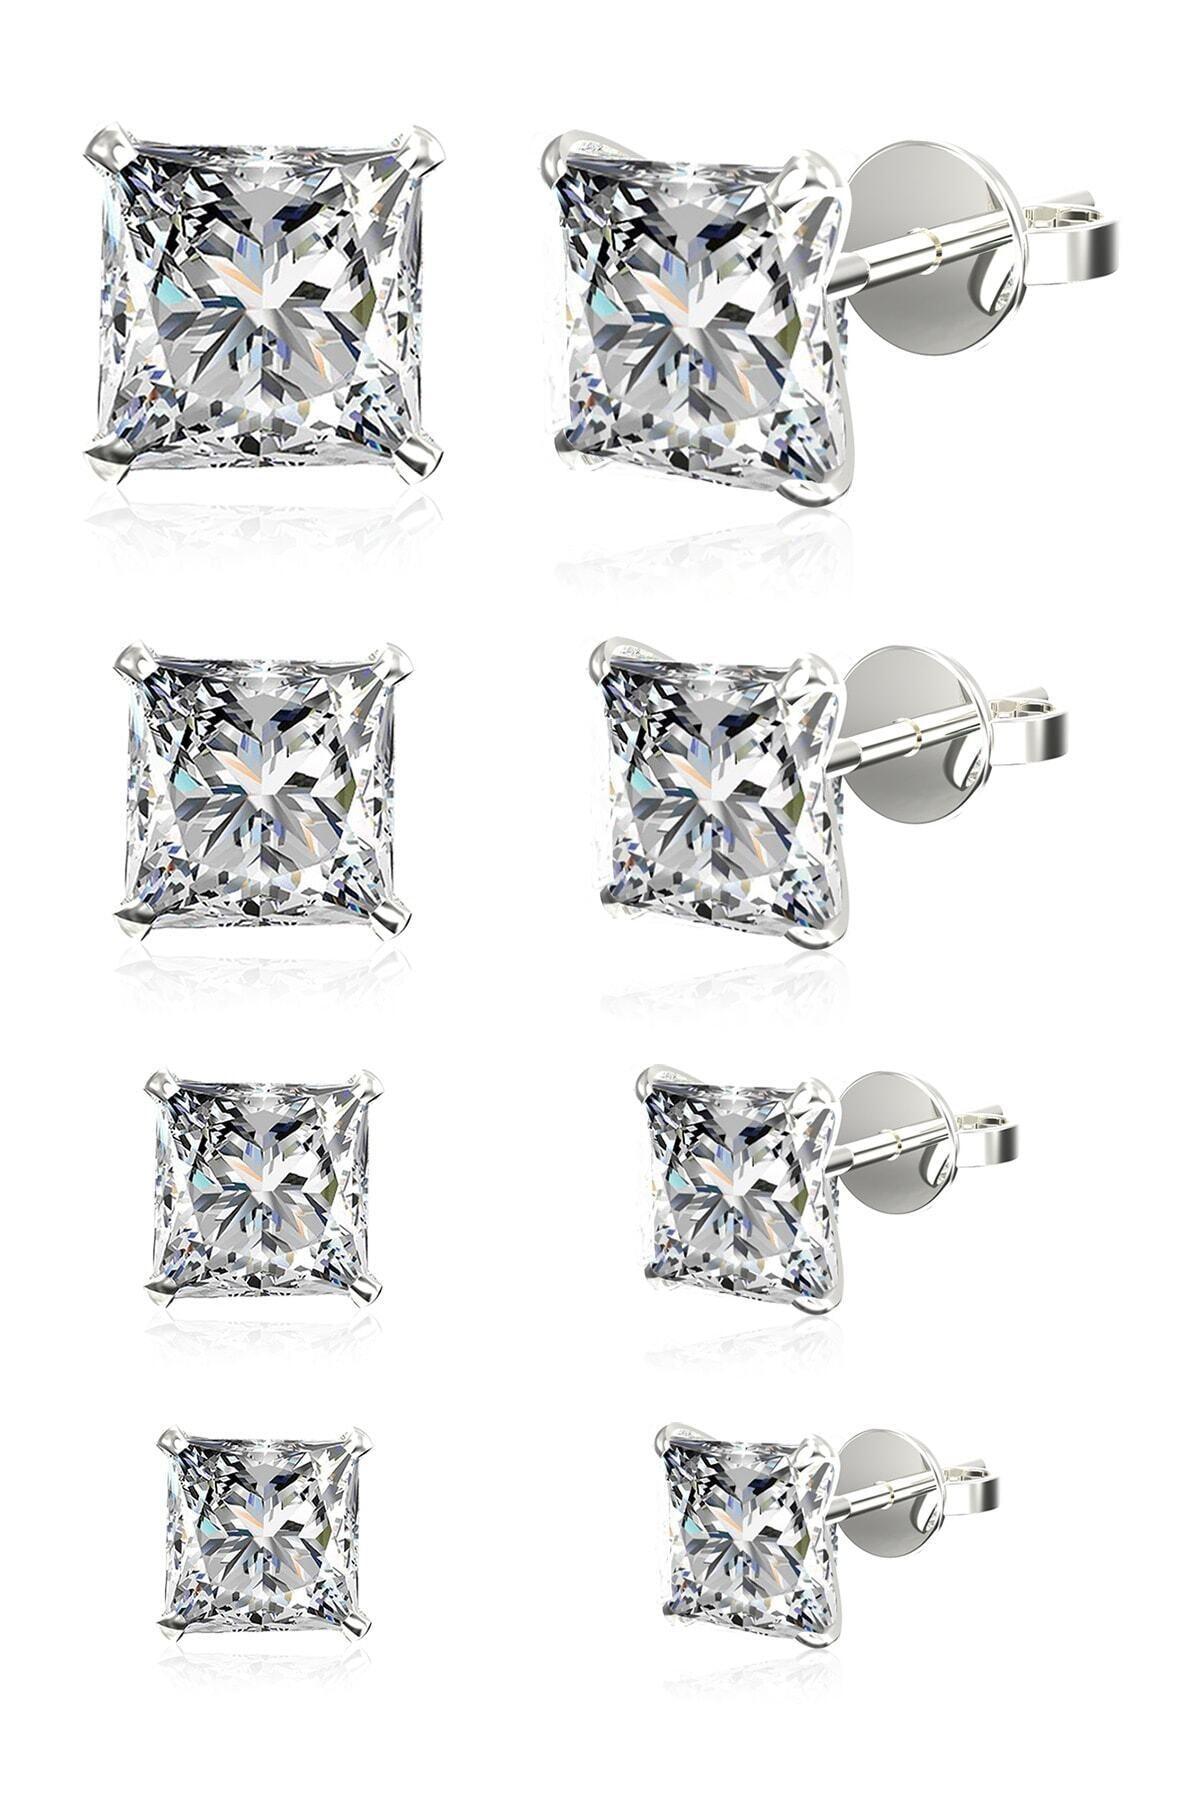 Omar Unisex 4 Çift Tek Taş Beckham Zirkon Taşlı Kare Gümüş Küpe Seti Omr8117 1